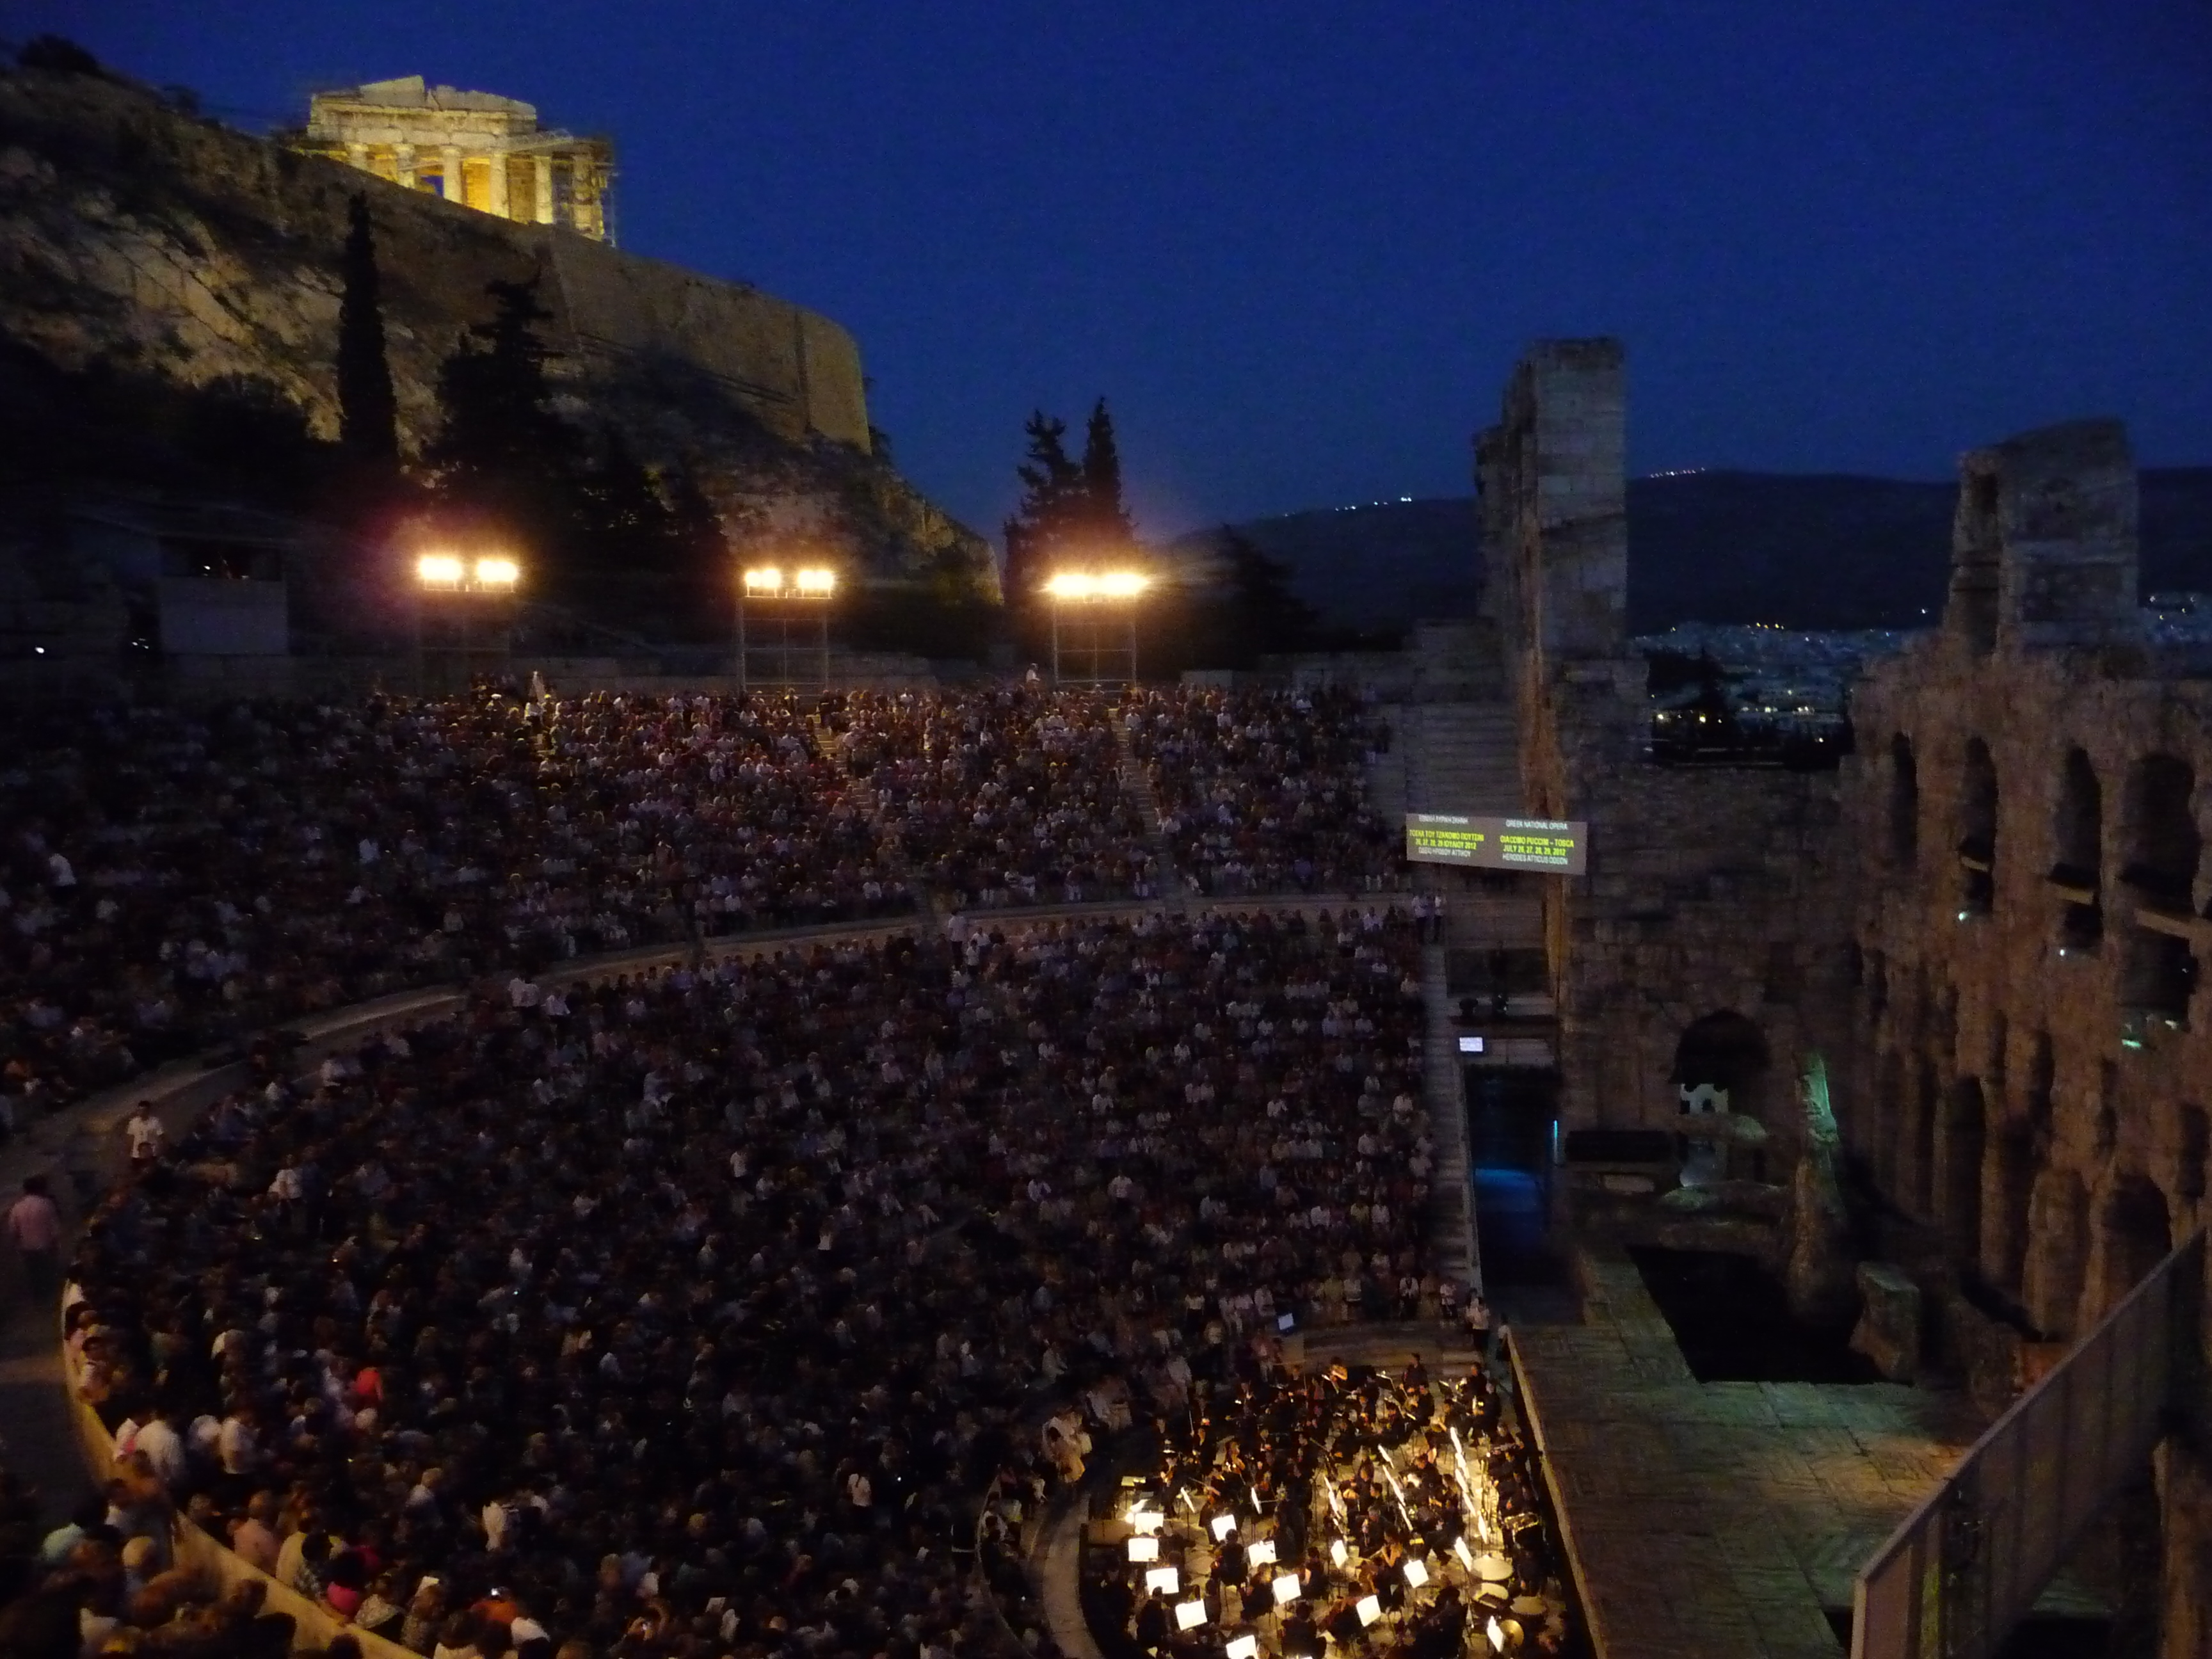 Athens & Epidaurus Festivals 2013